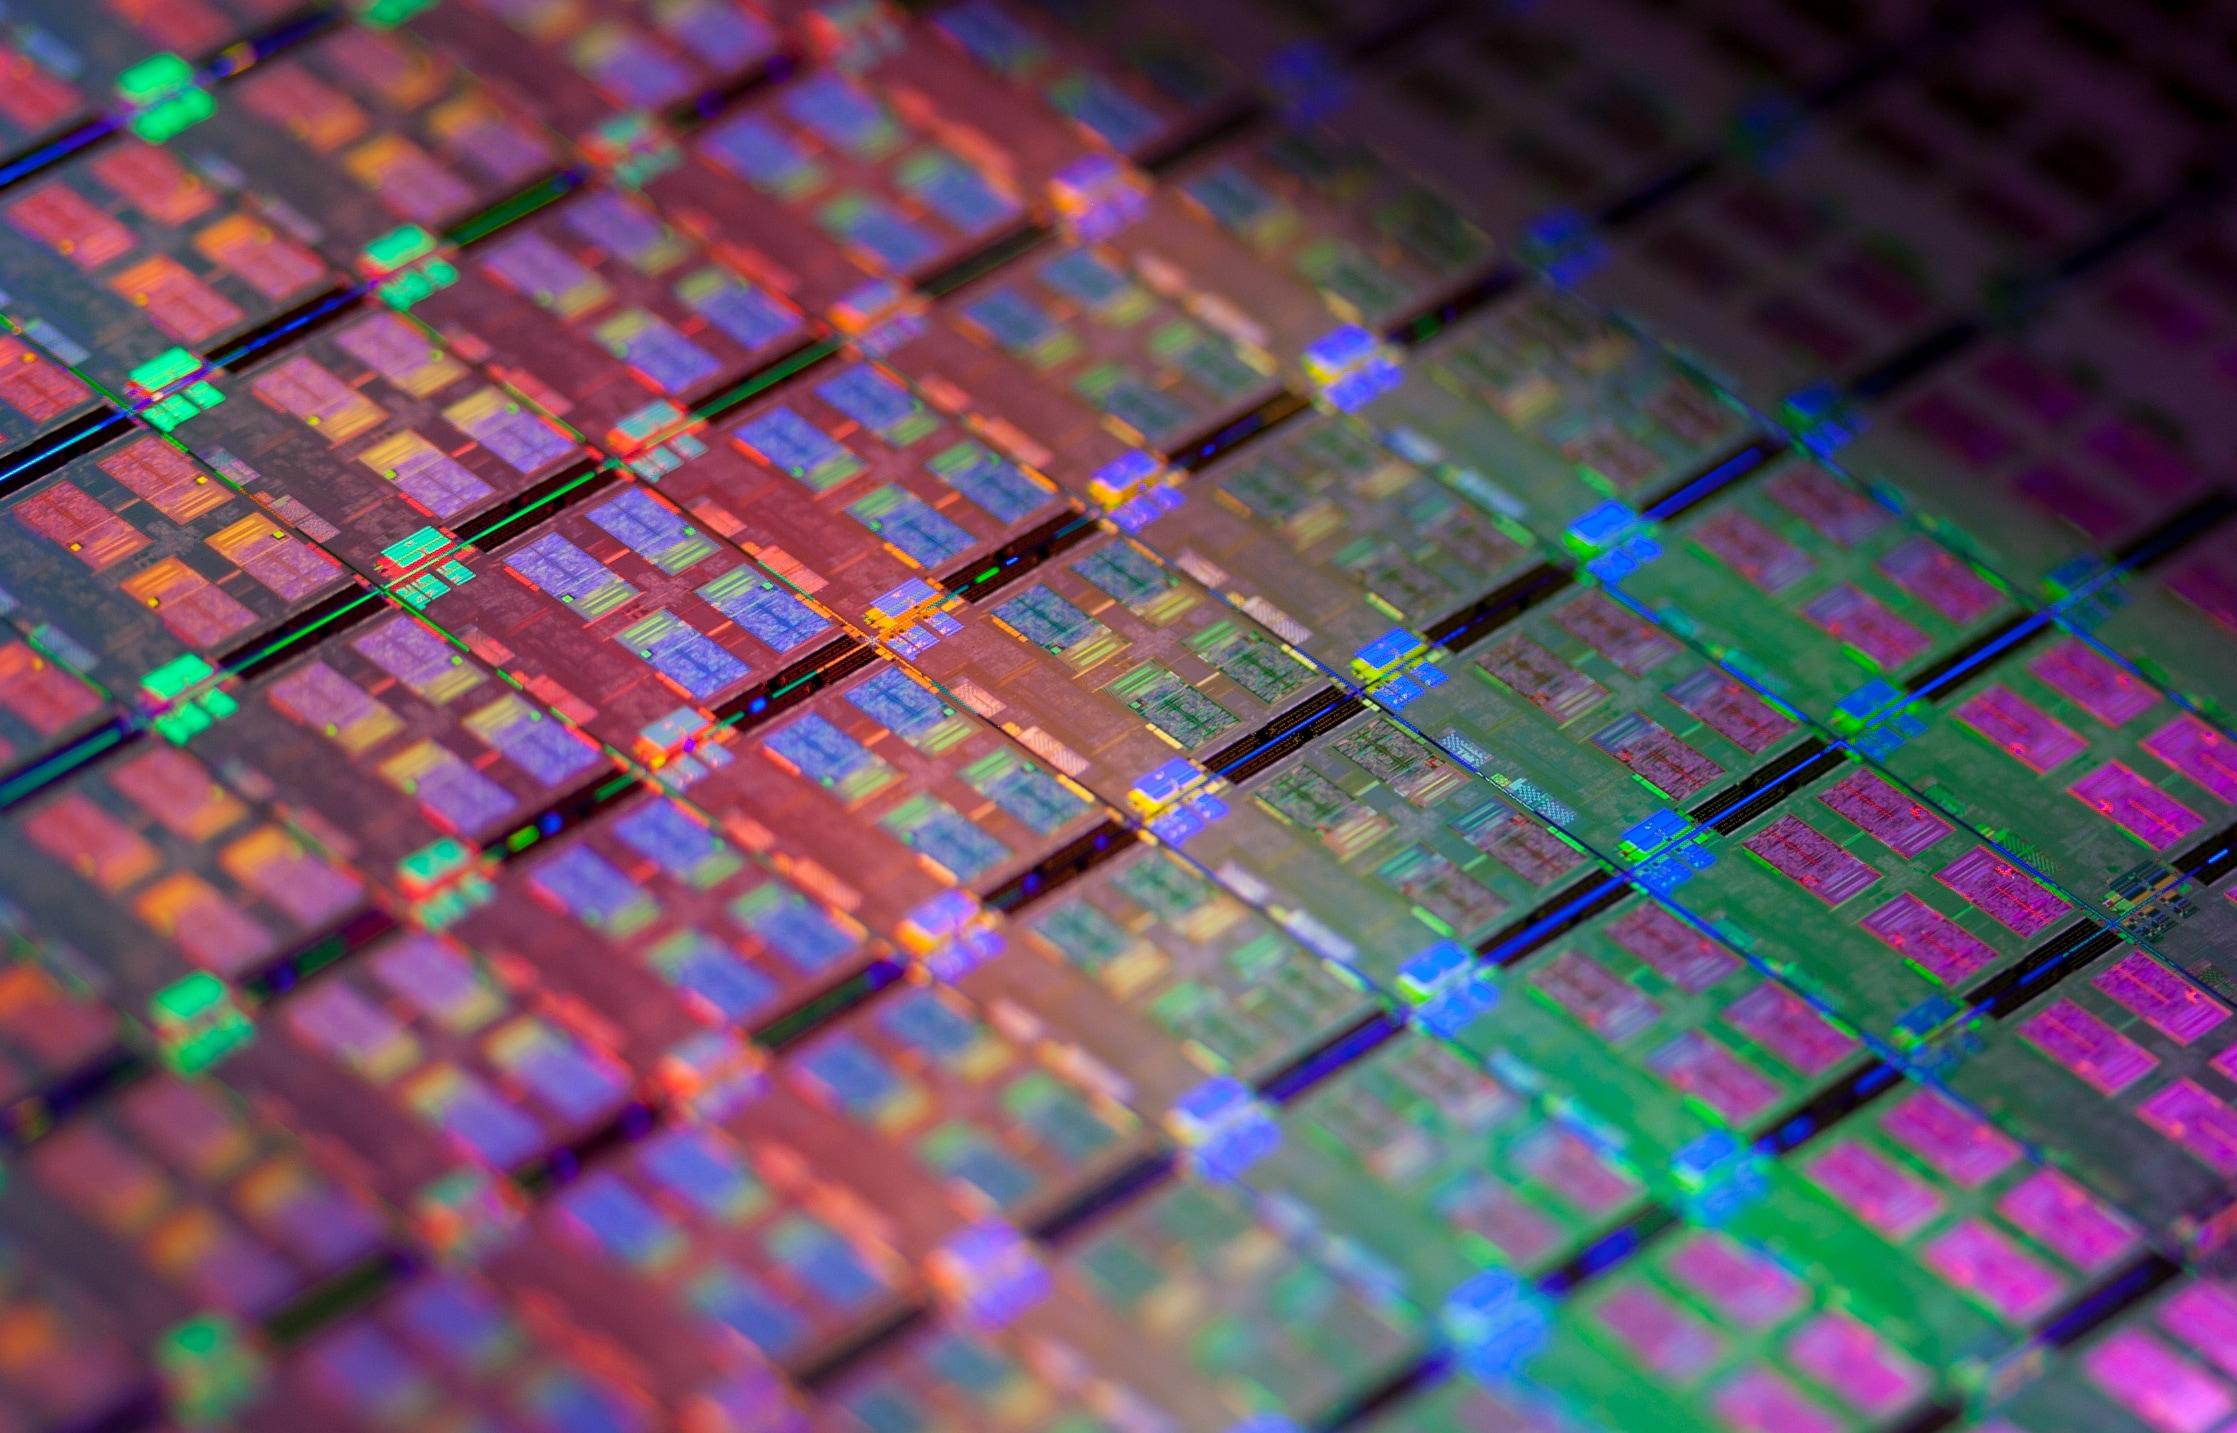 Primi SoC a 10 nanometri: Samsung avvia la produzione dei chip per futuri smartphone